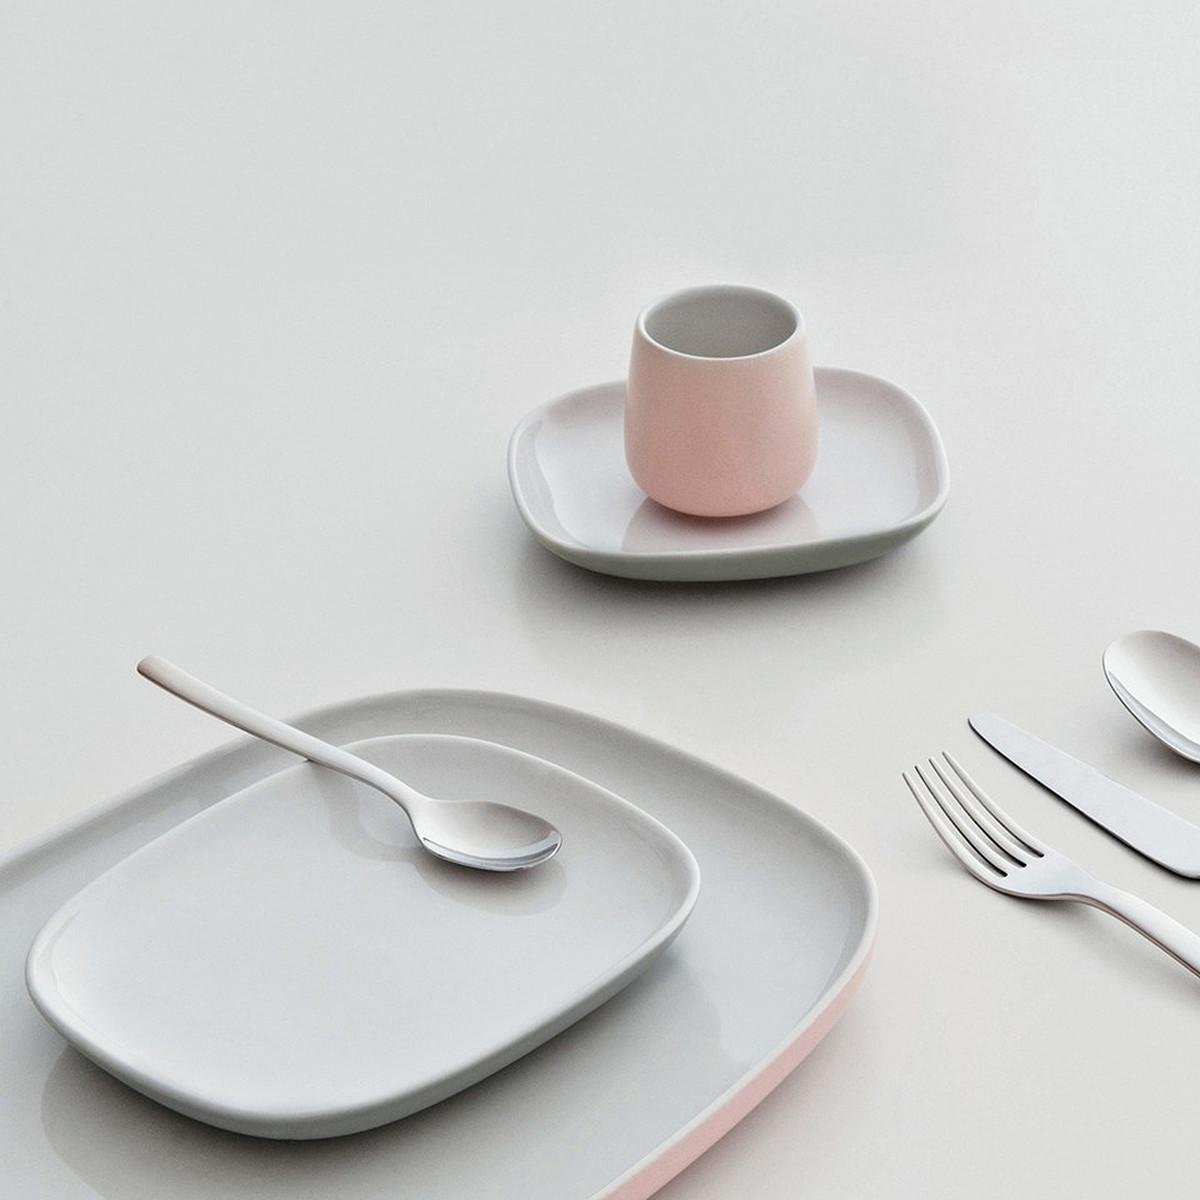 ovale speiseteller von alessi im shop kaufen. Black Bedroom Furniture Sets. Home Design Ideas